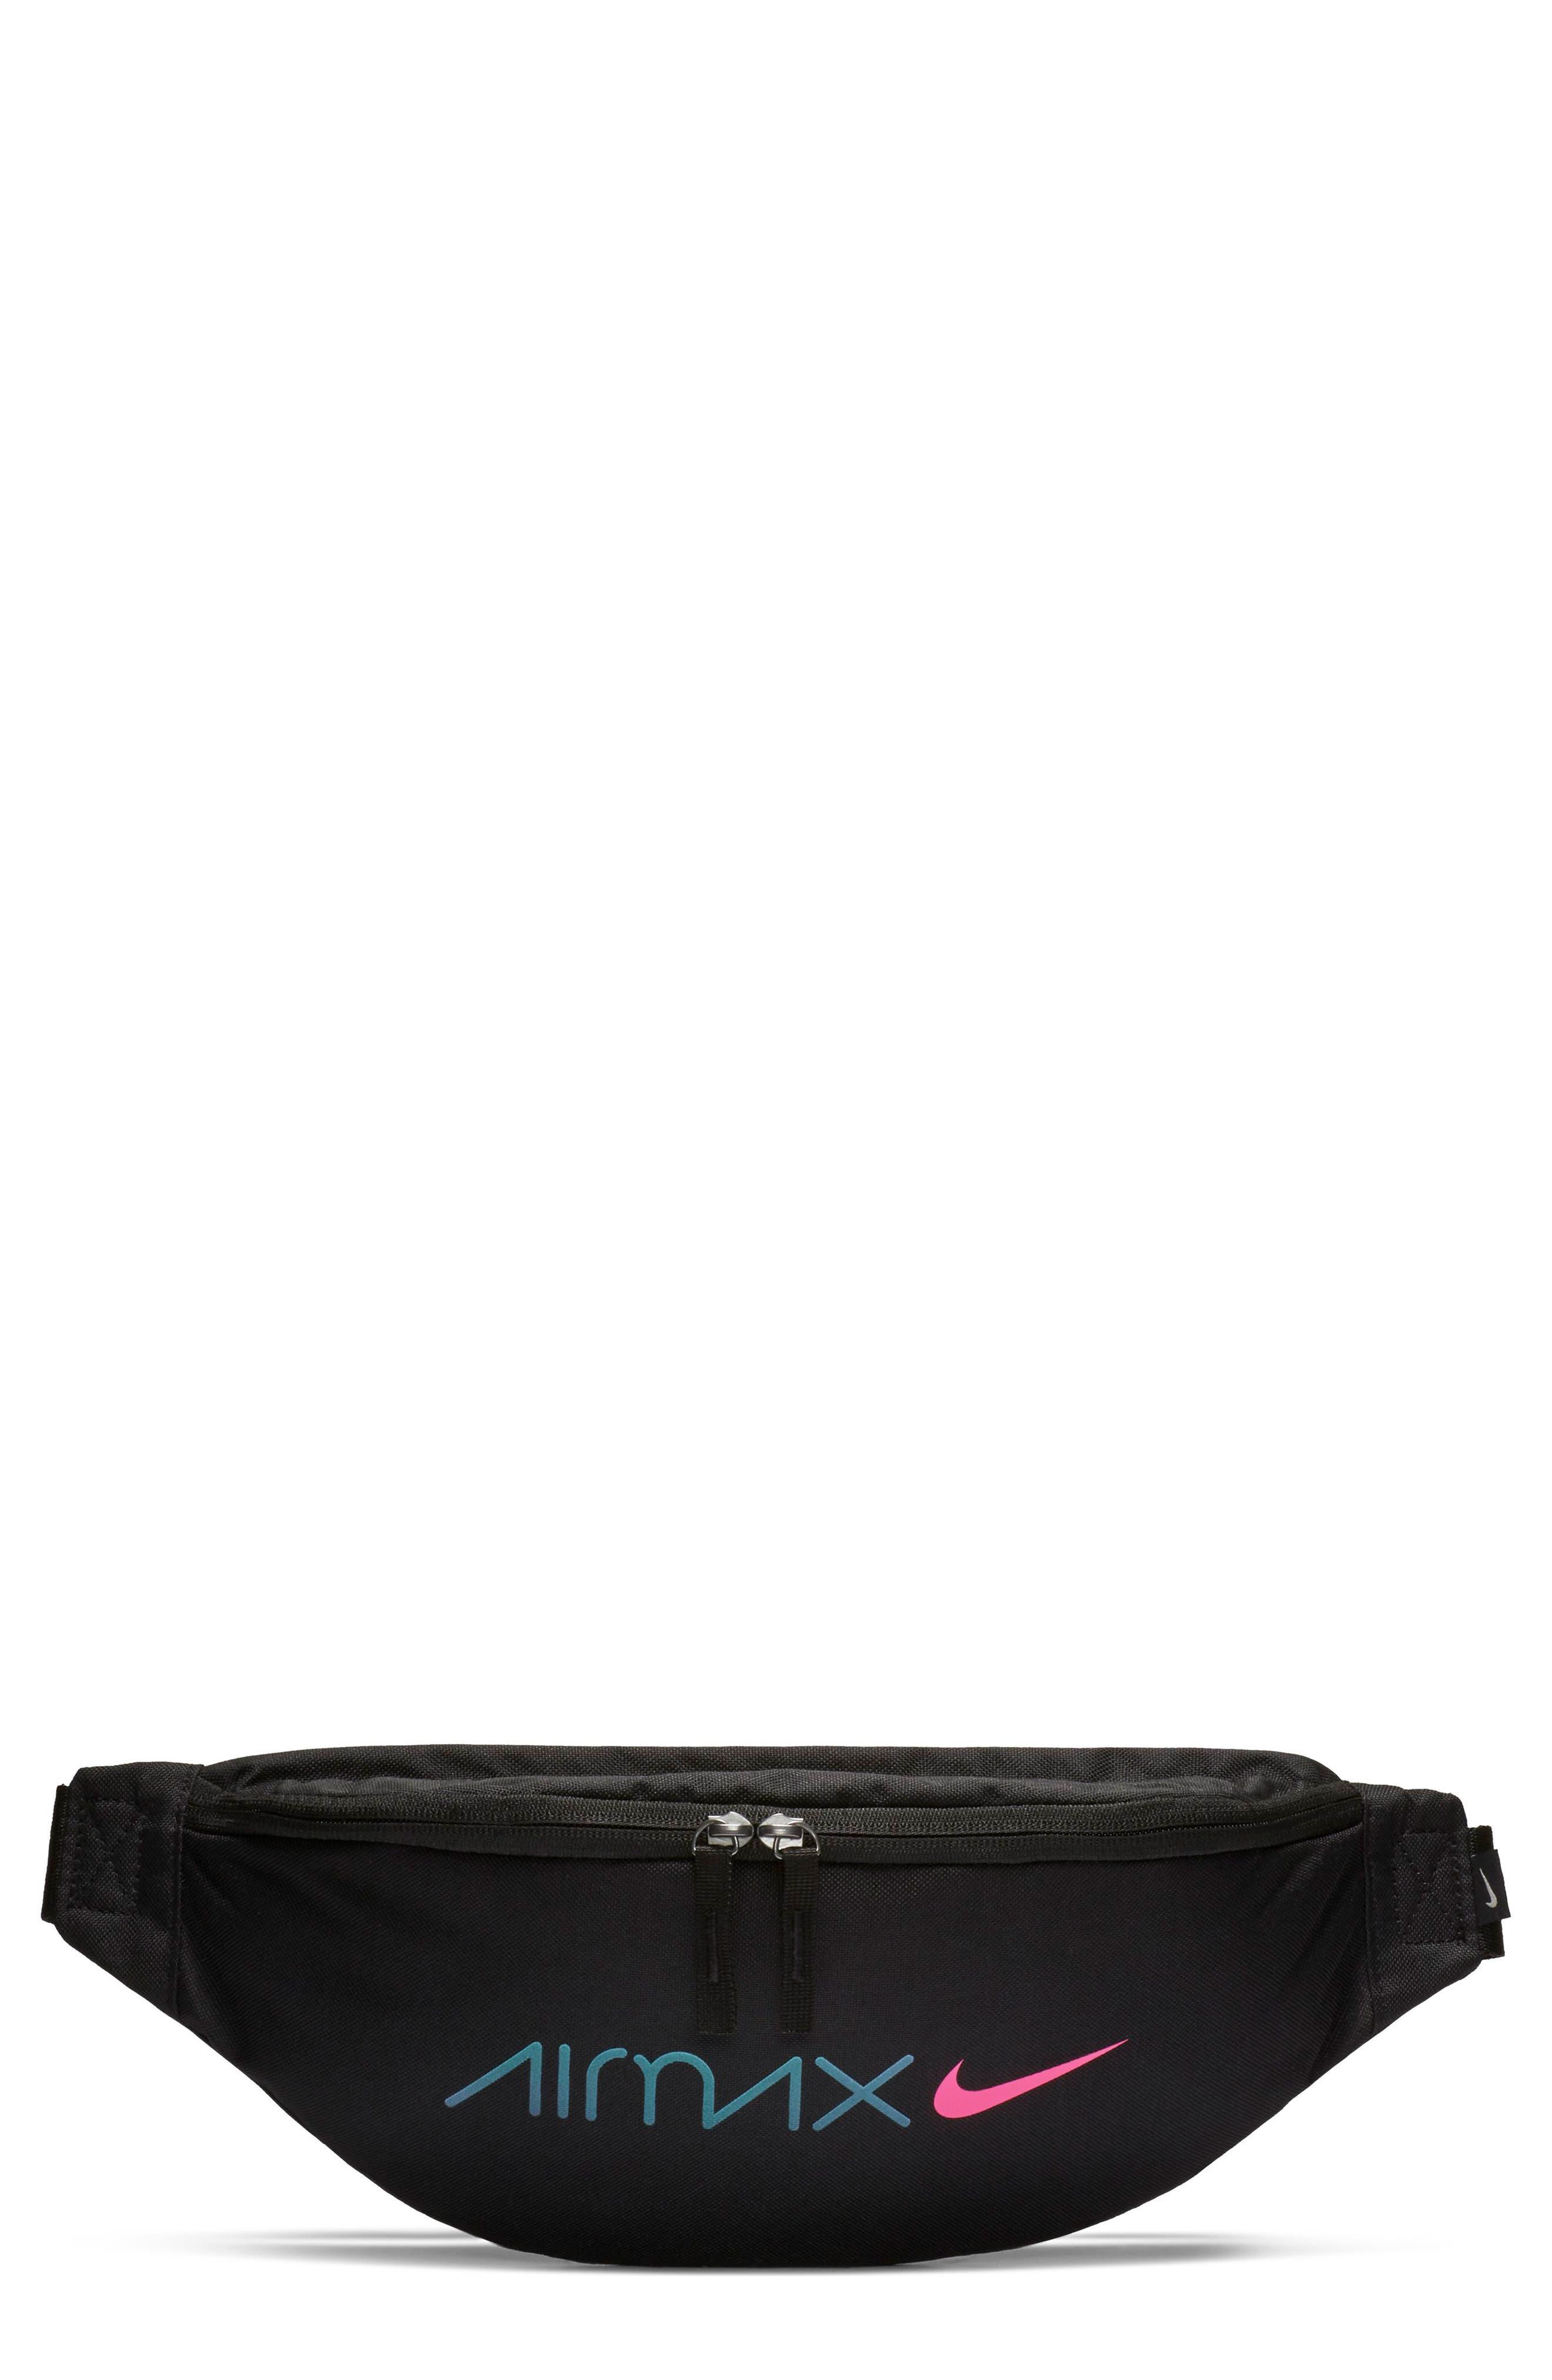 NIKE, Heritage Belt Bag, Main thumbnail 1, color, BLACK/ BLACK/ LASER FUCHSIA